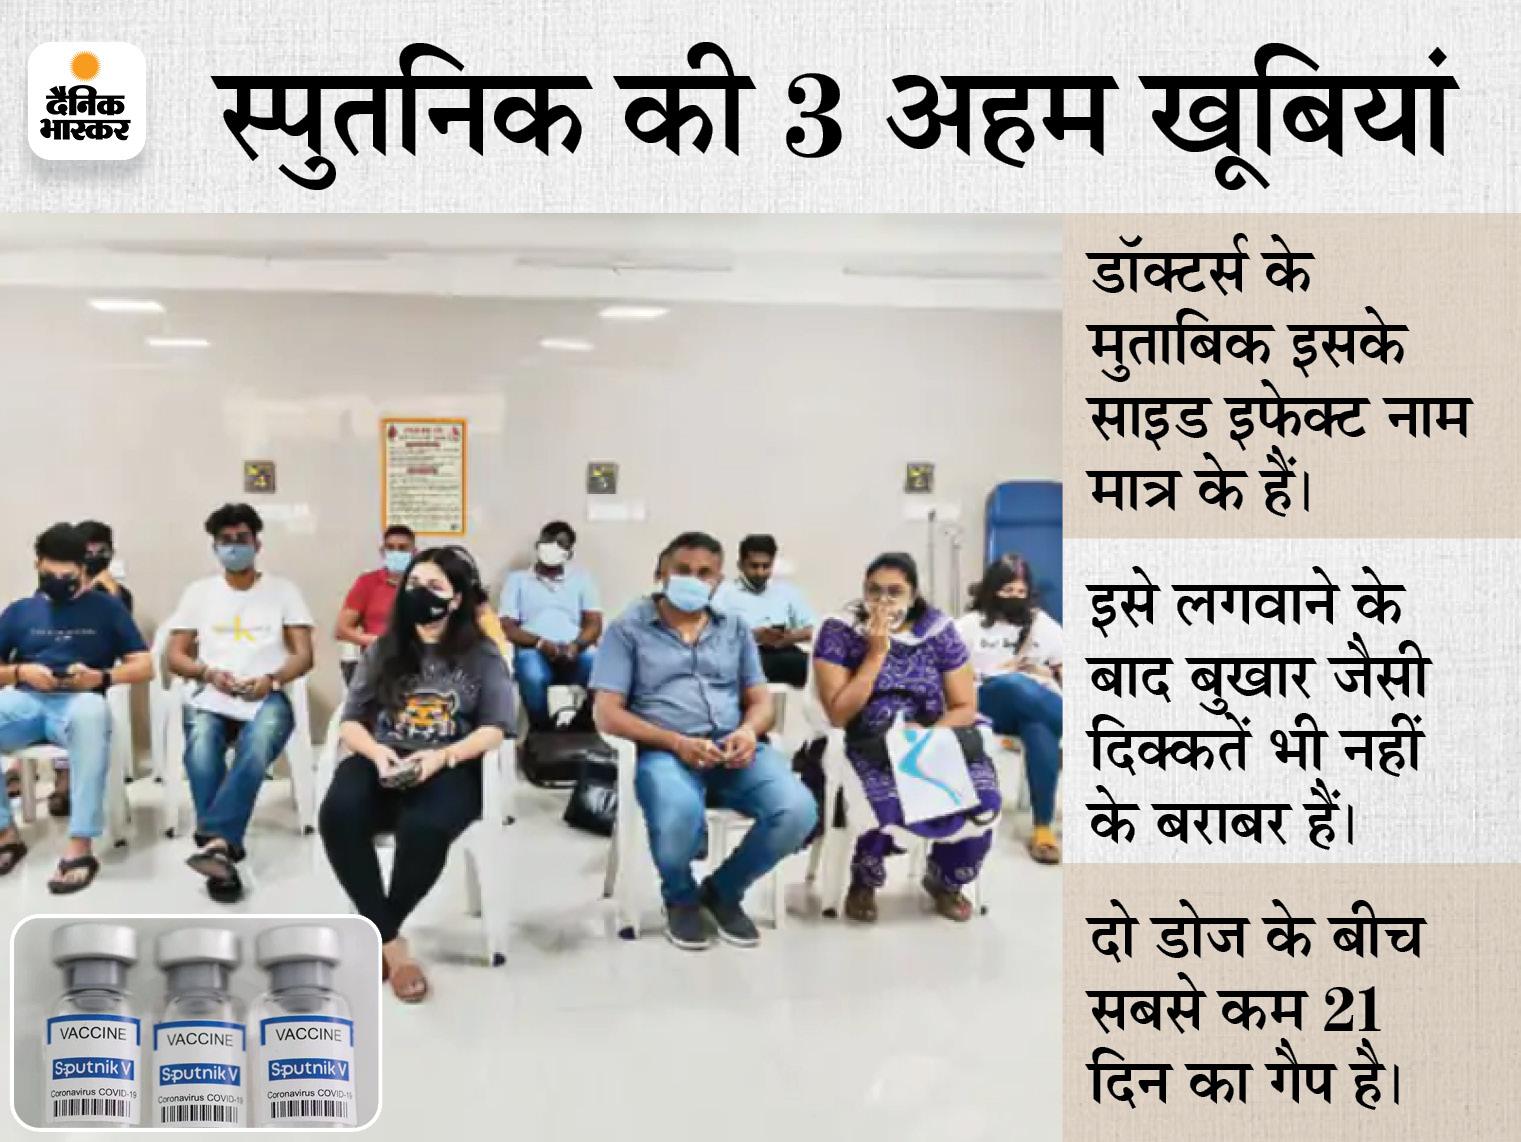 स्पुतनिक वैक्सीन के लिए सैकड़ों किमी का सफर कर सूरत आना चाहते हैं महाराष्ट्र, MP और राजस्थान के लोग, वेटिंग लिस्ट में रोज 300 लोग बढ़ रहे|देश,National - Dainik Bhaskar